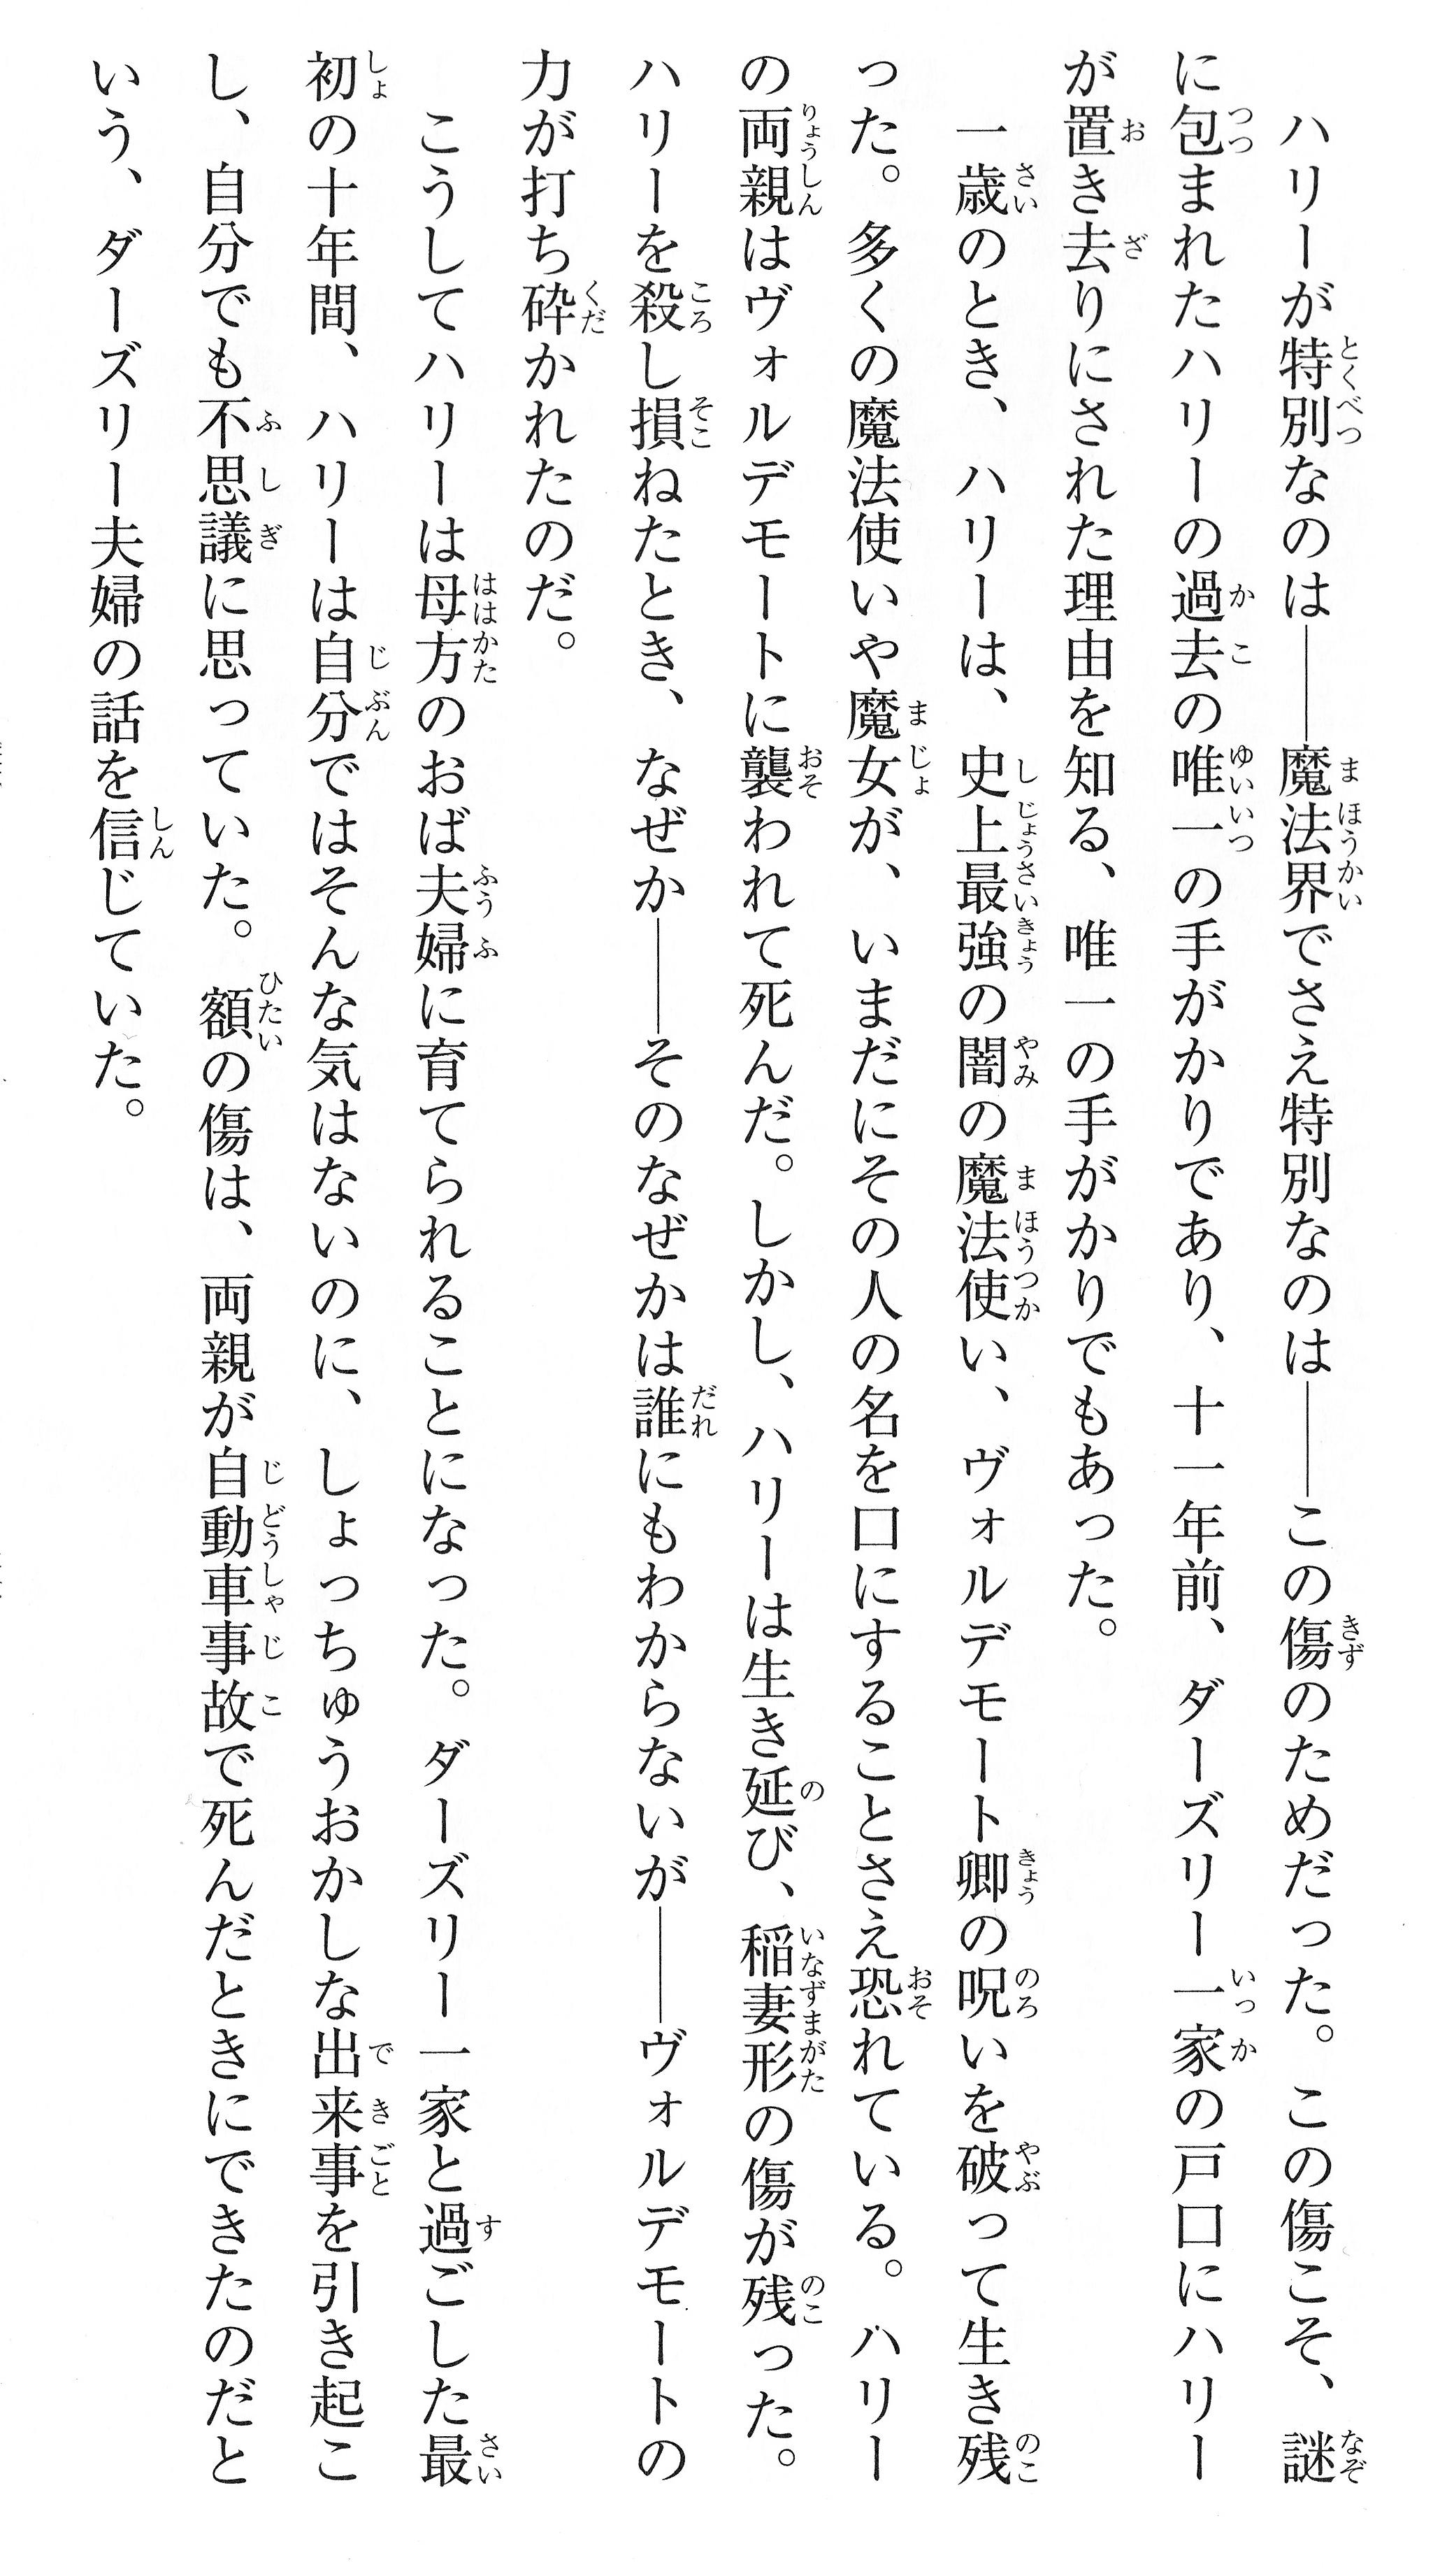 2_秘密の部屋_本文全体.jpg